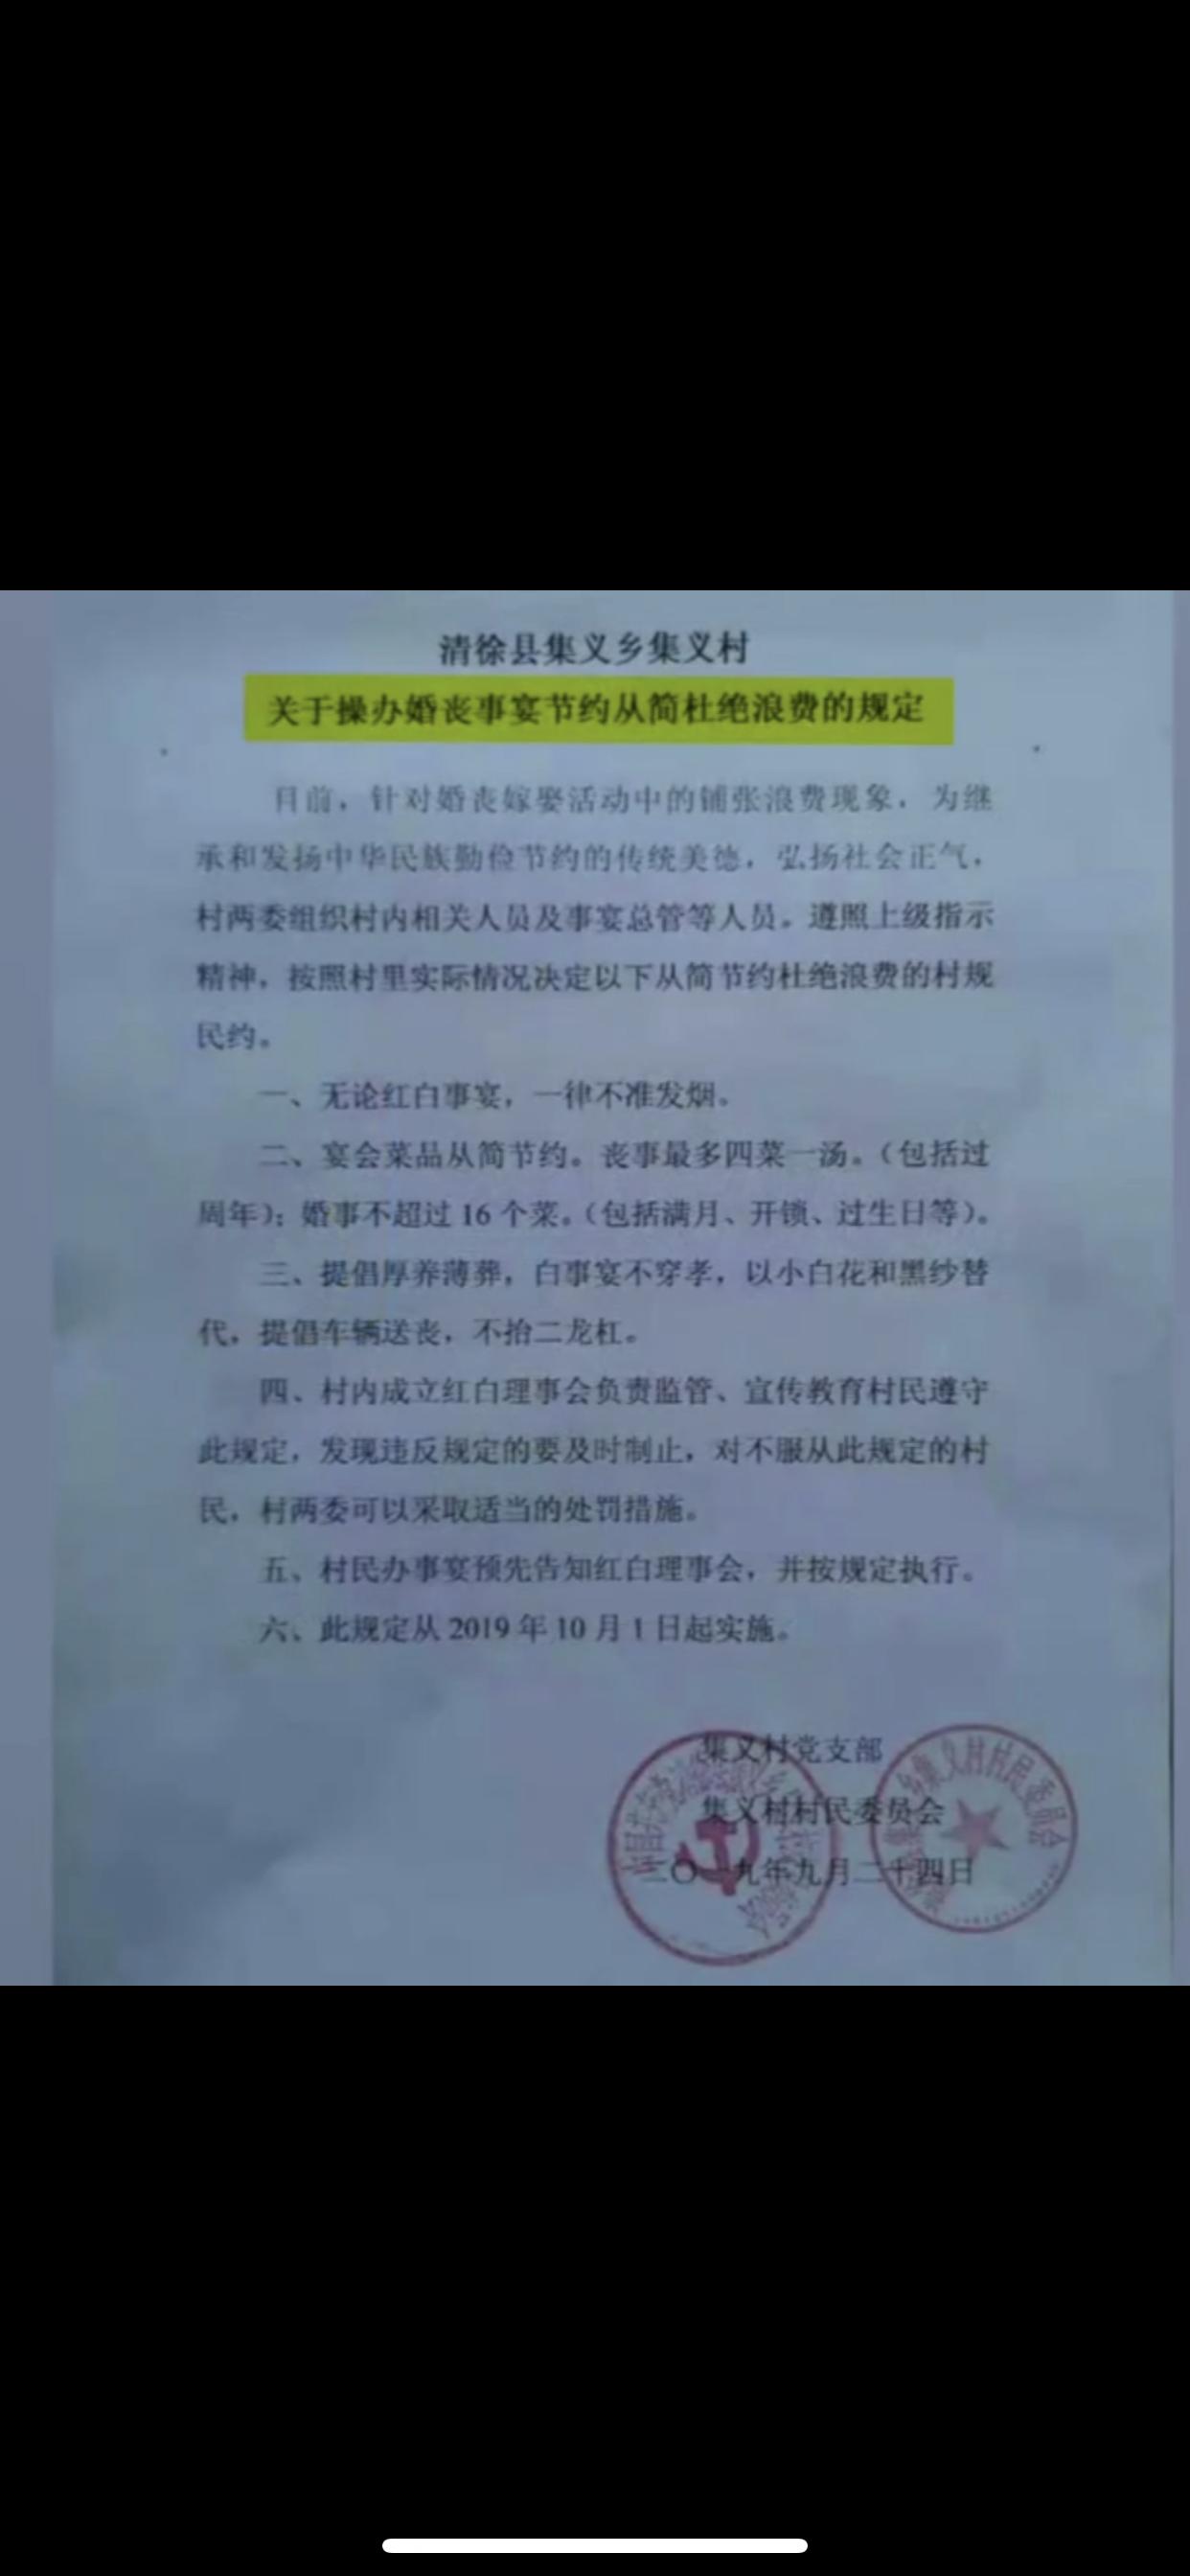 """山西兩村規定""""禁穿孝衣"""",專家稱無法律效力"""